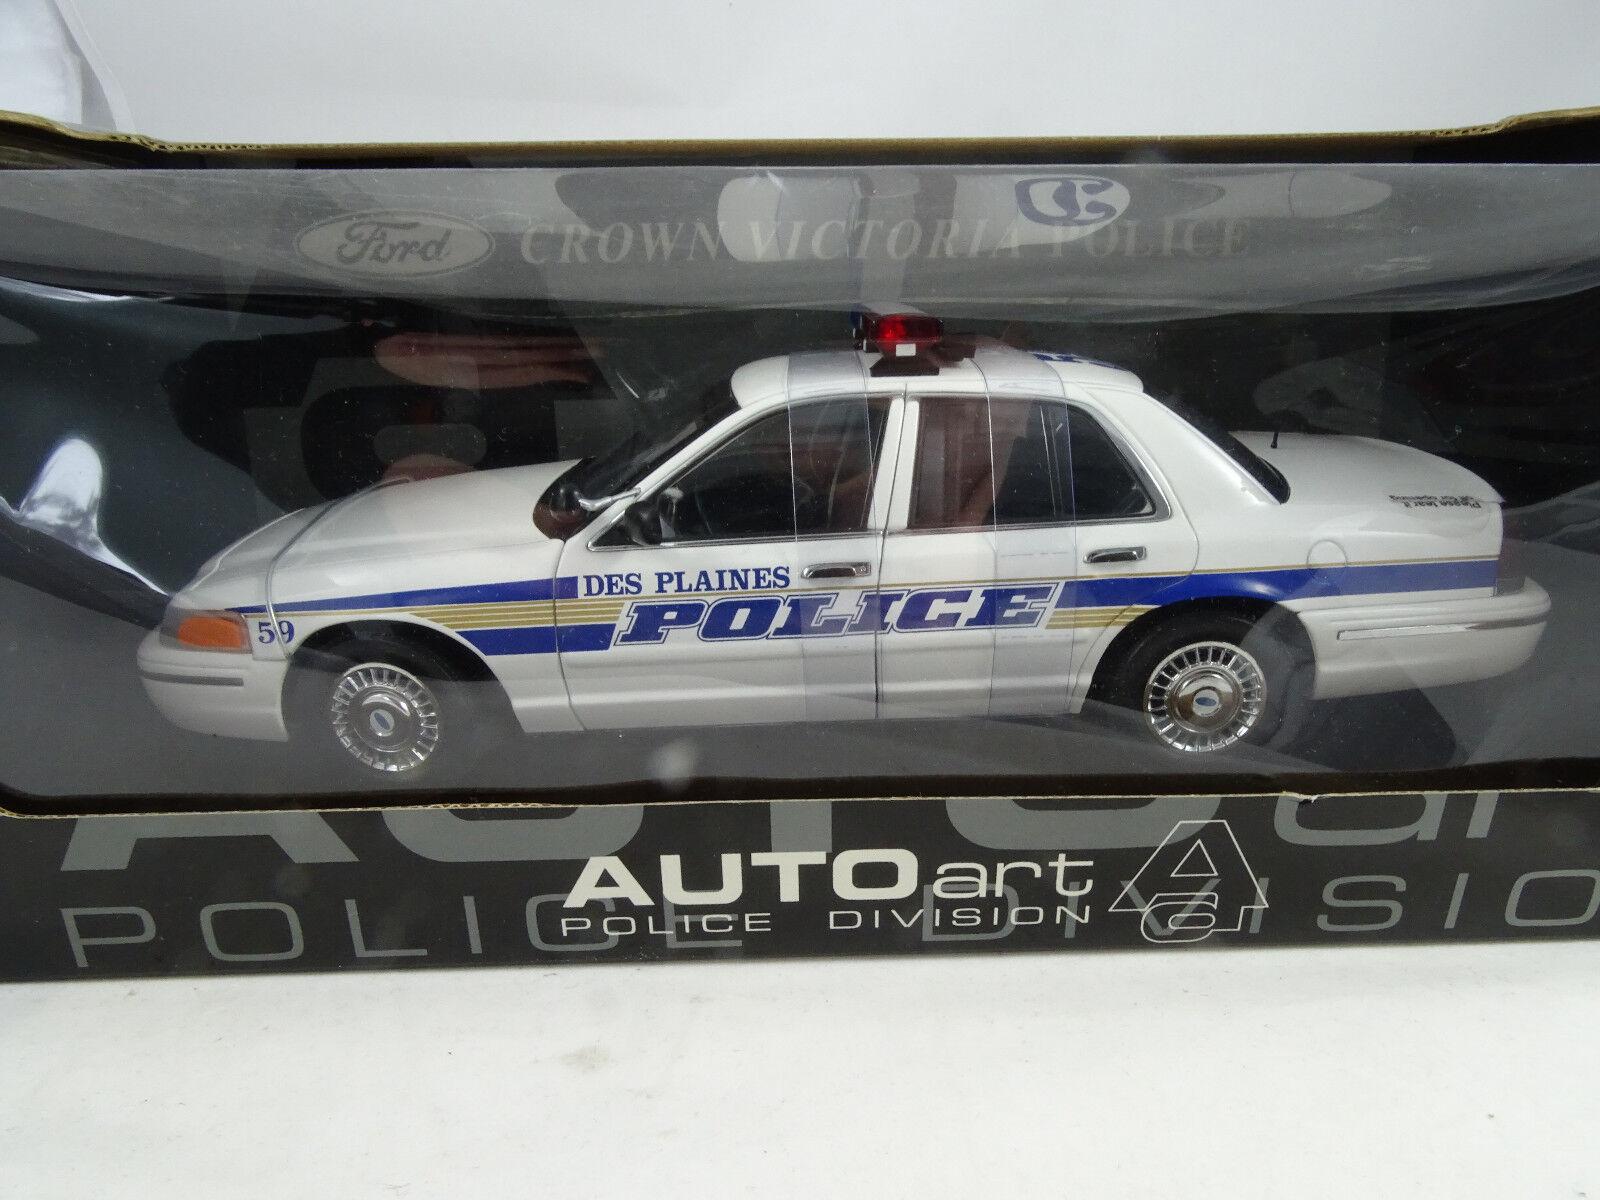 1 18 Autoart Ford Corona Victoria Police il Plaines - Rarità §